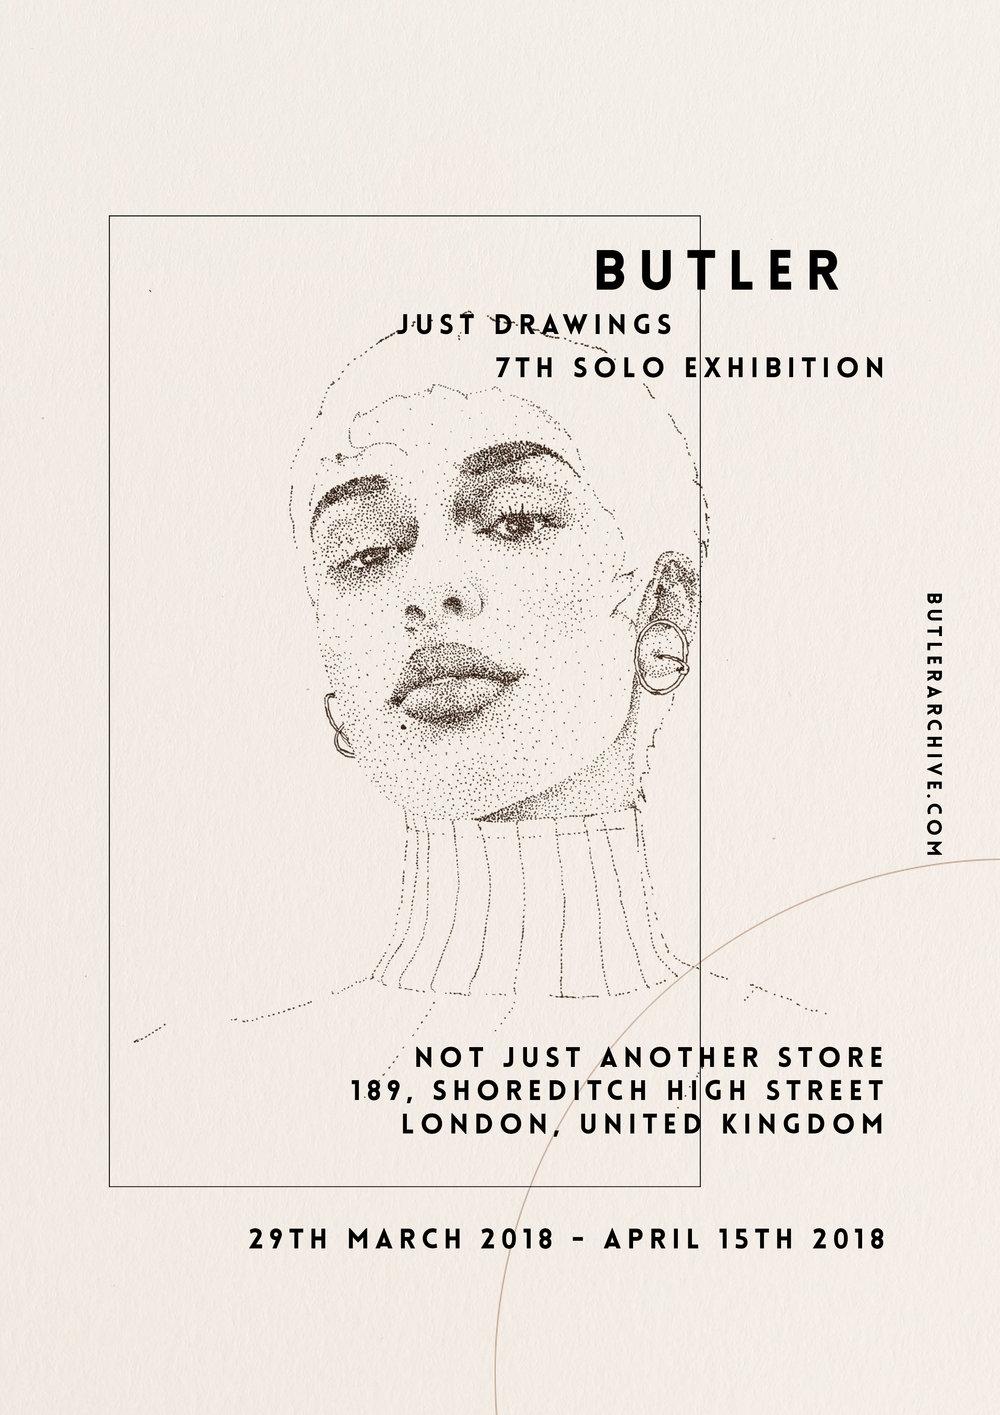 butler-7th-solo-exhibition-2018.jpg